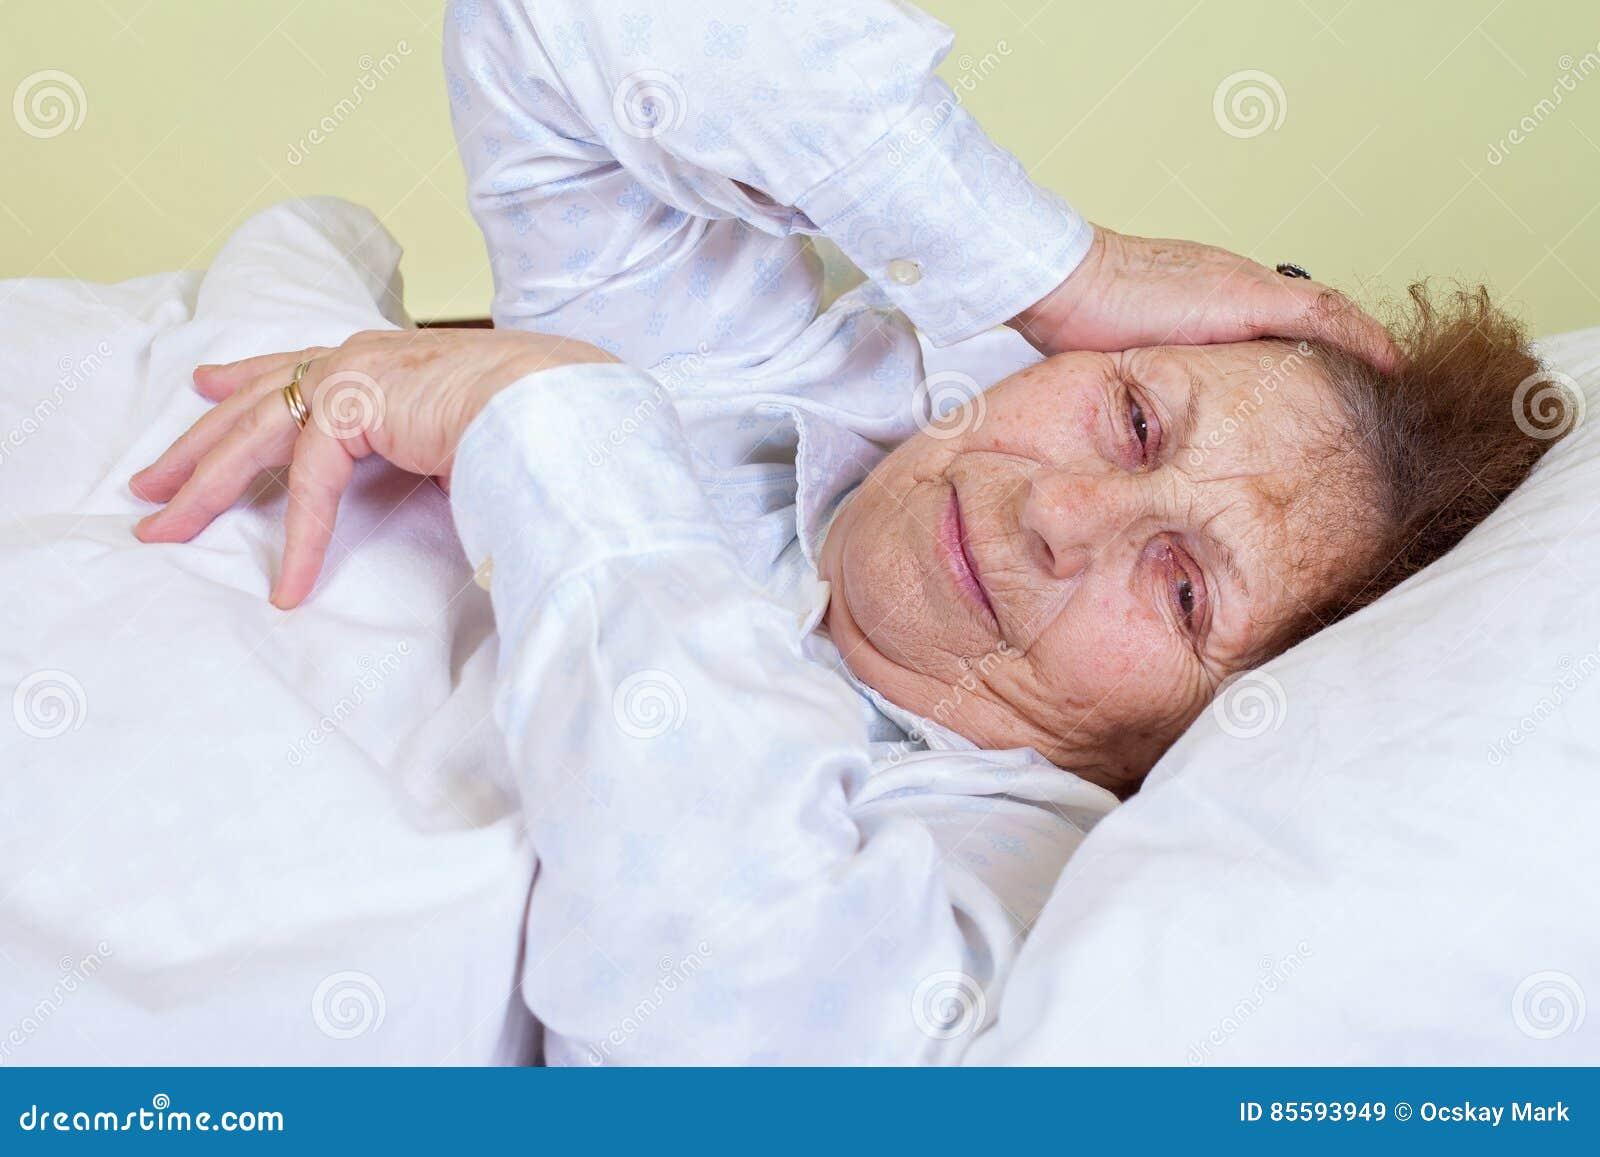 Пожилая женщина в кровати, онлайн смотреть усыплением